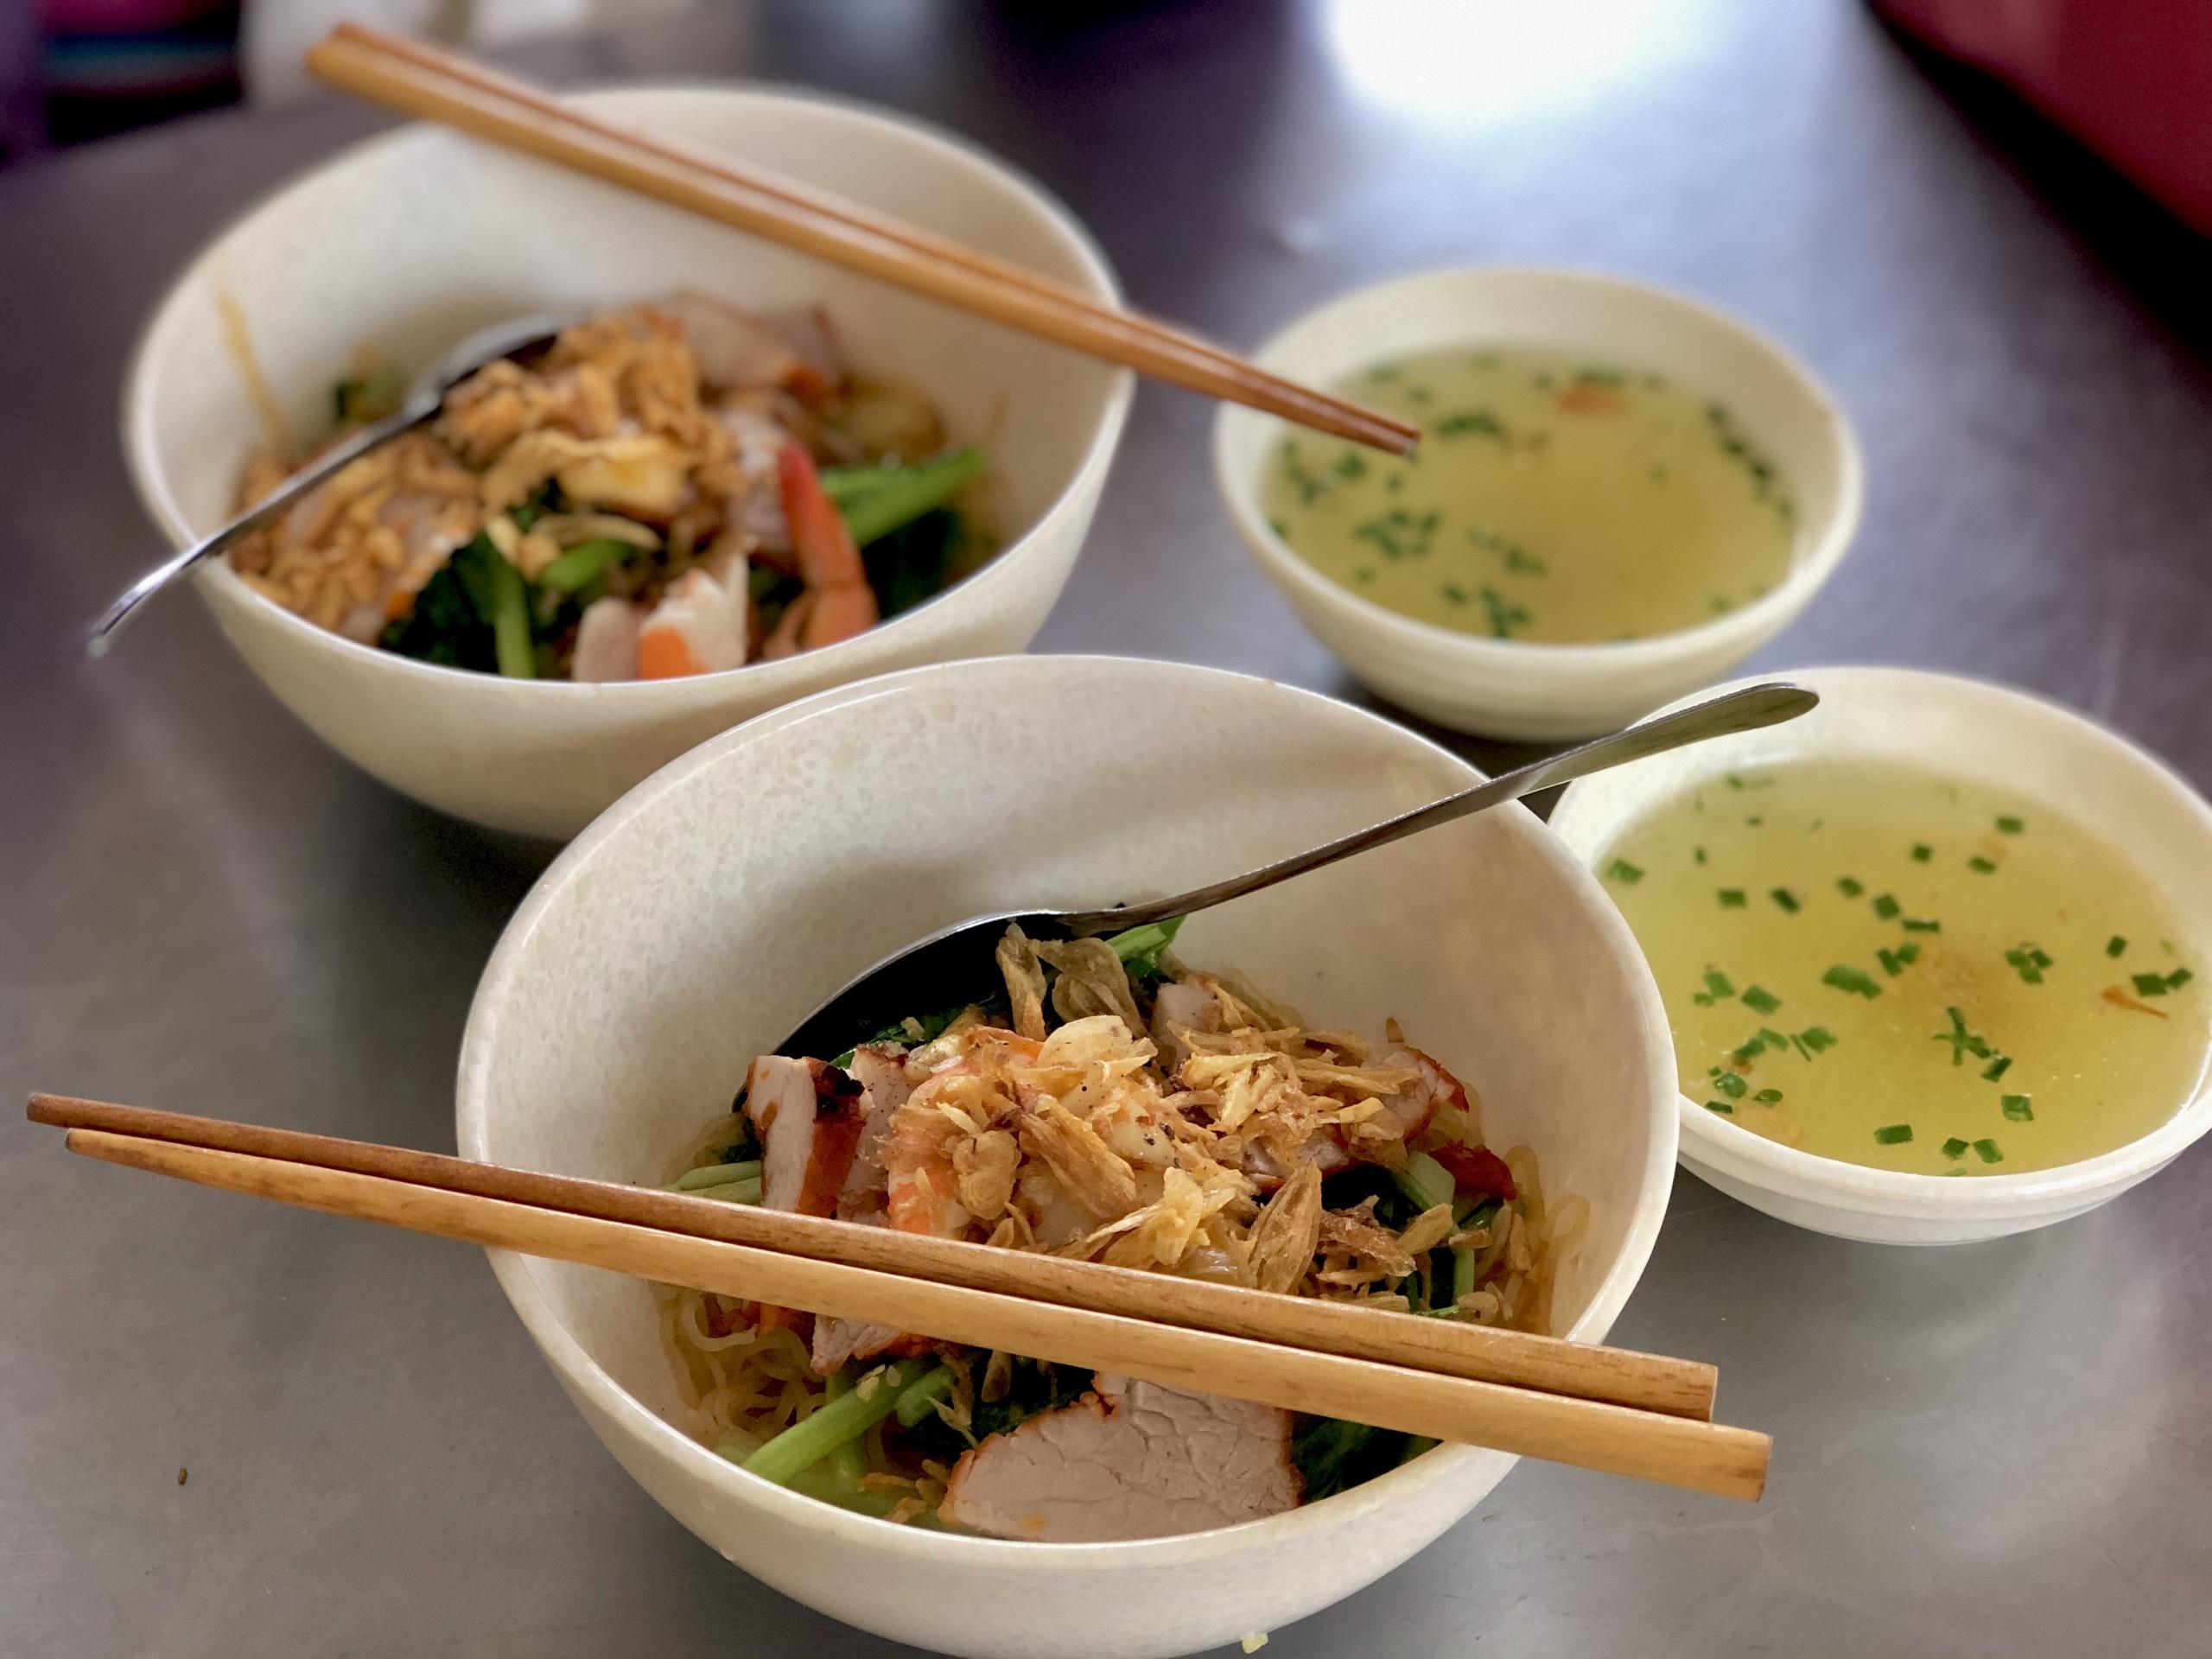 5 địa chỉ quán ăn ngon nổi tiếng với giá cả phải chăng tại quận 1, Sài Gòn - Ảnh 3.